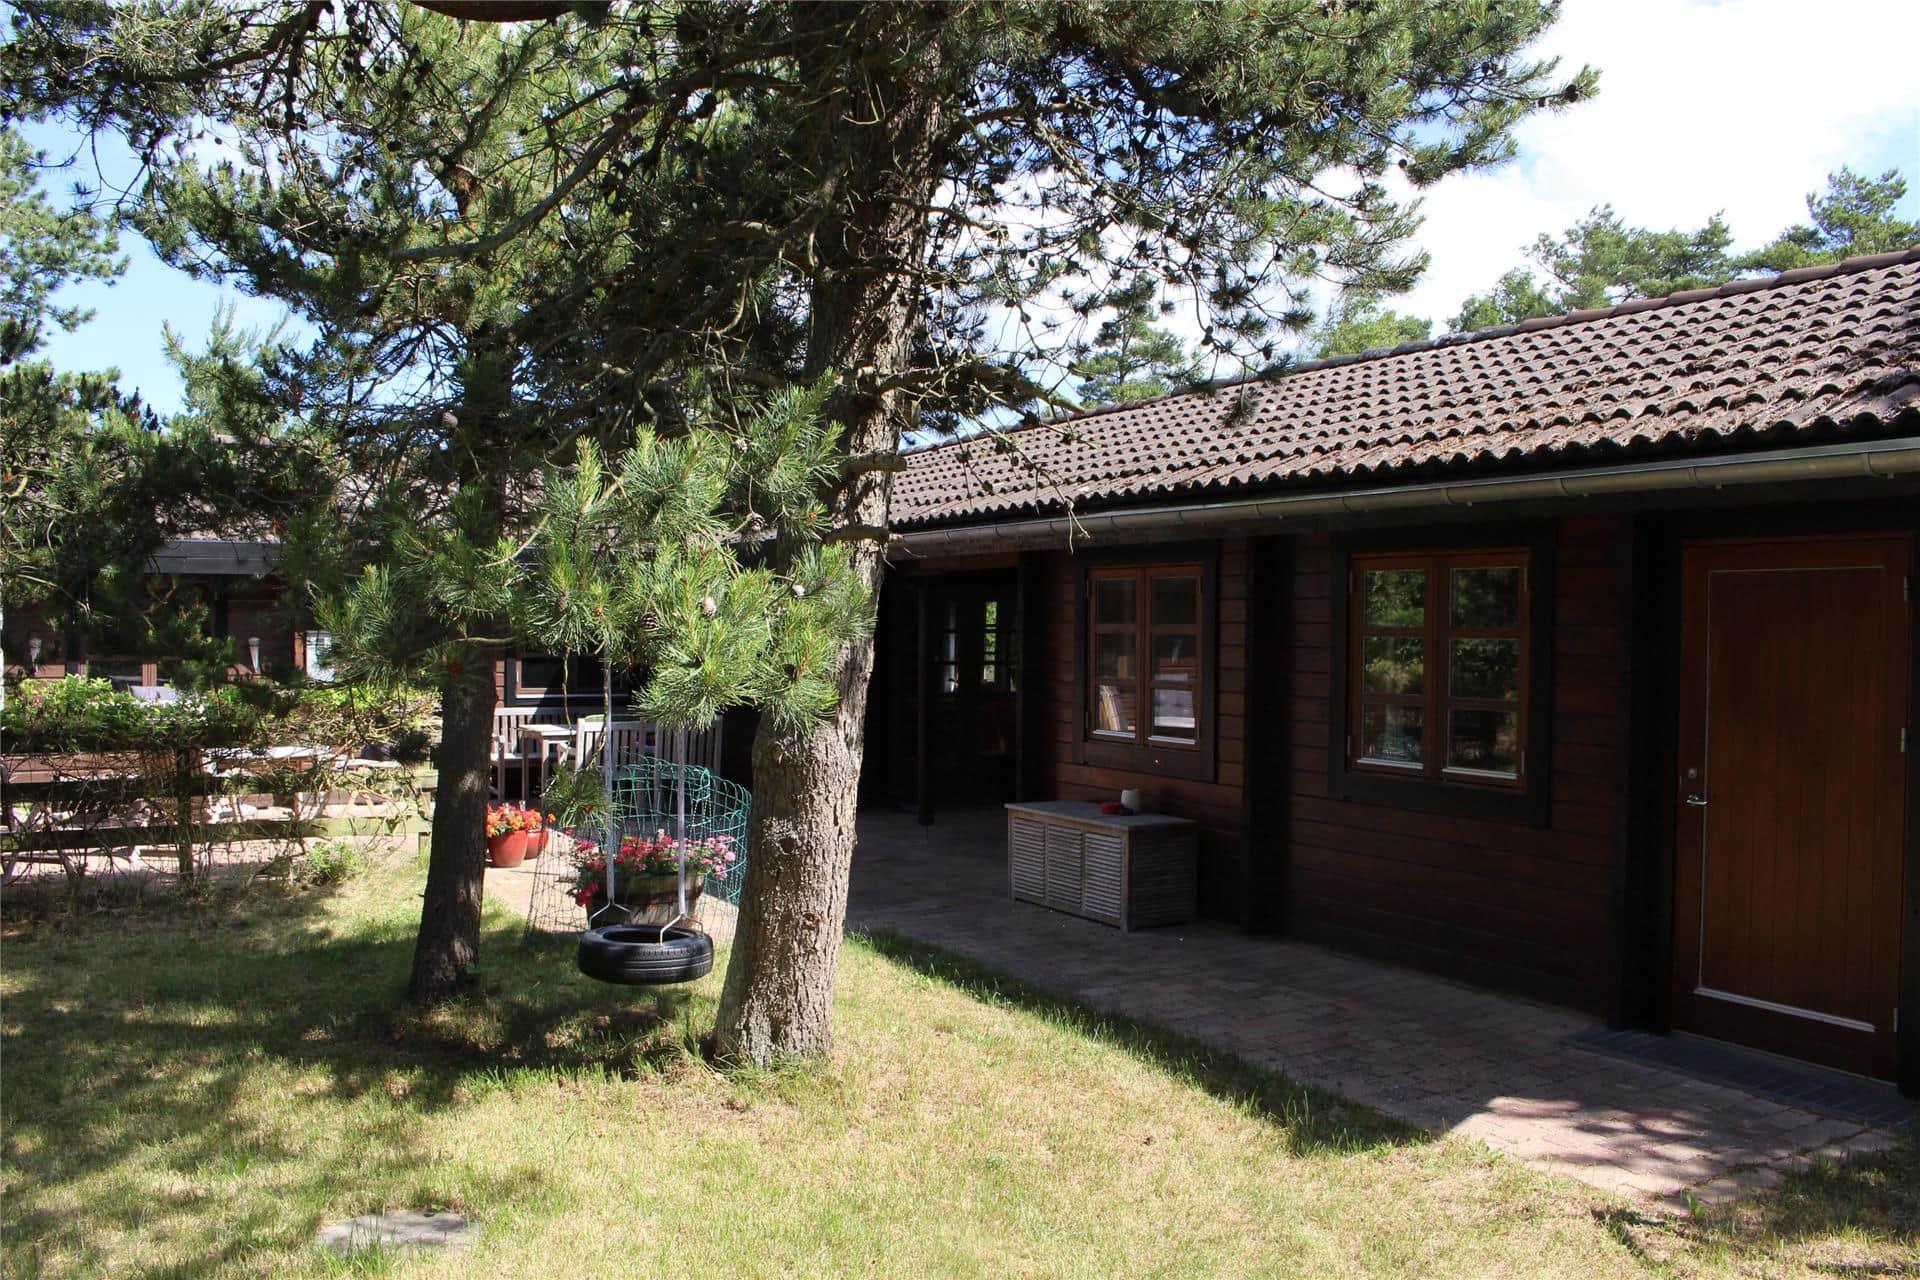 Billede 1-17 Sommerhus 11111, Poppelvej 20, DK - 4500 Nykøbing Sj